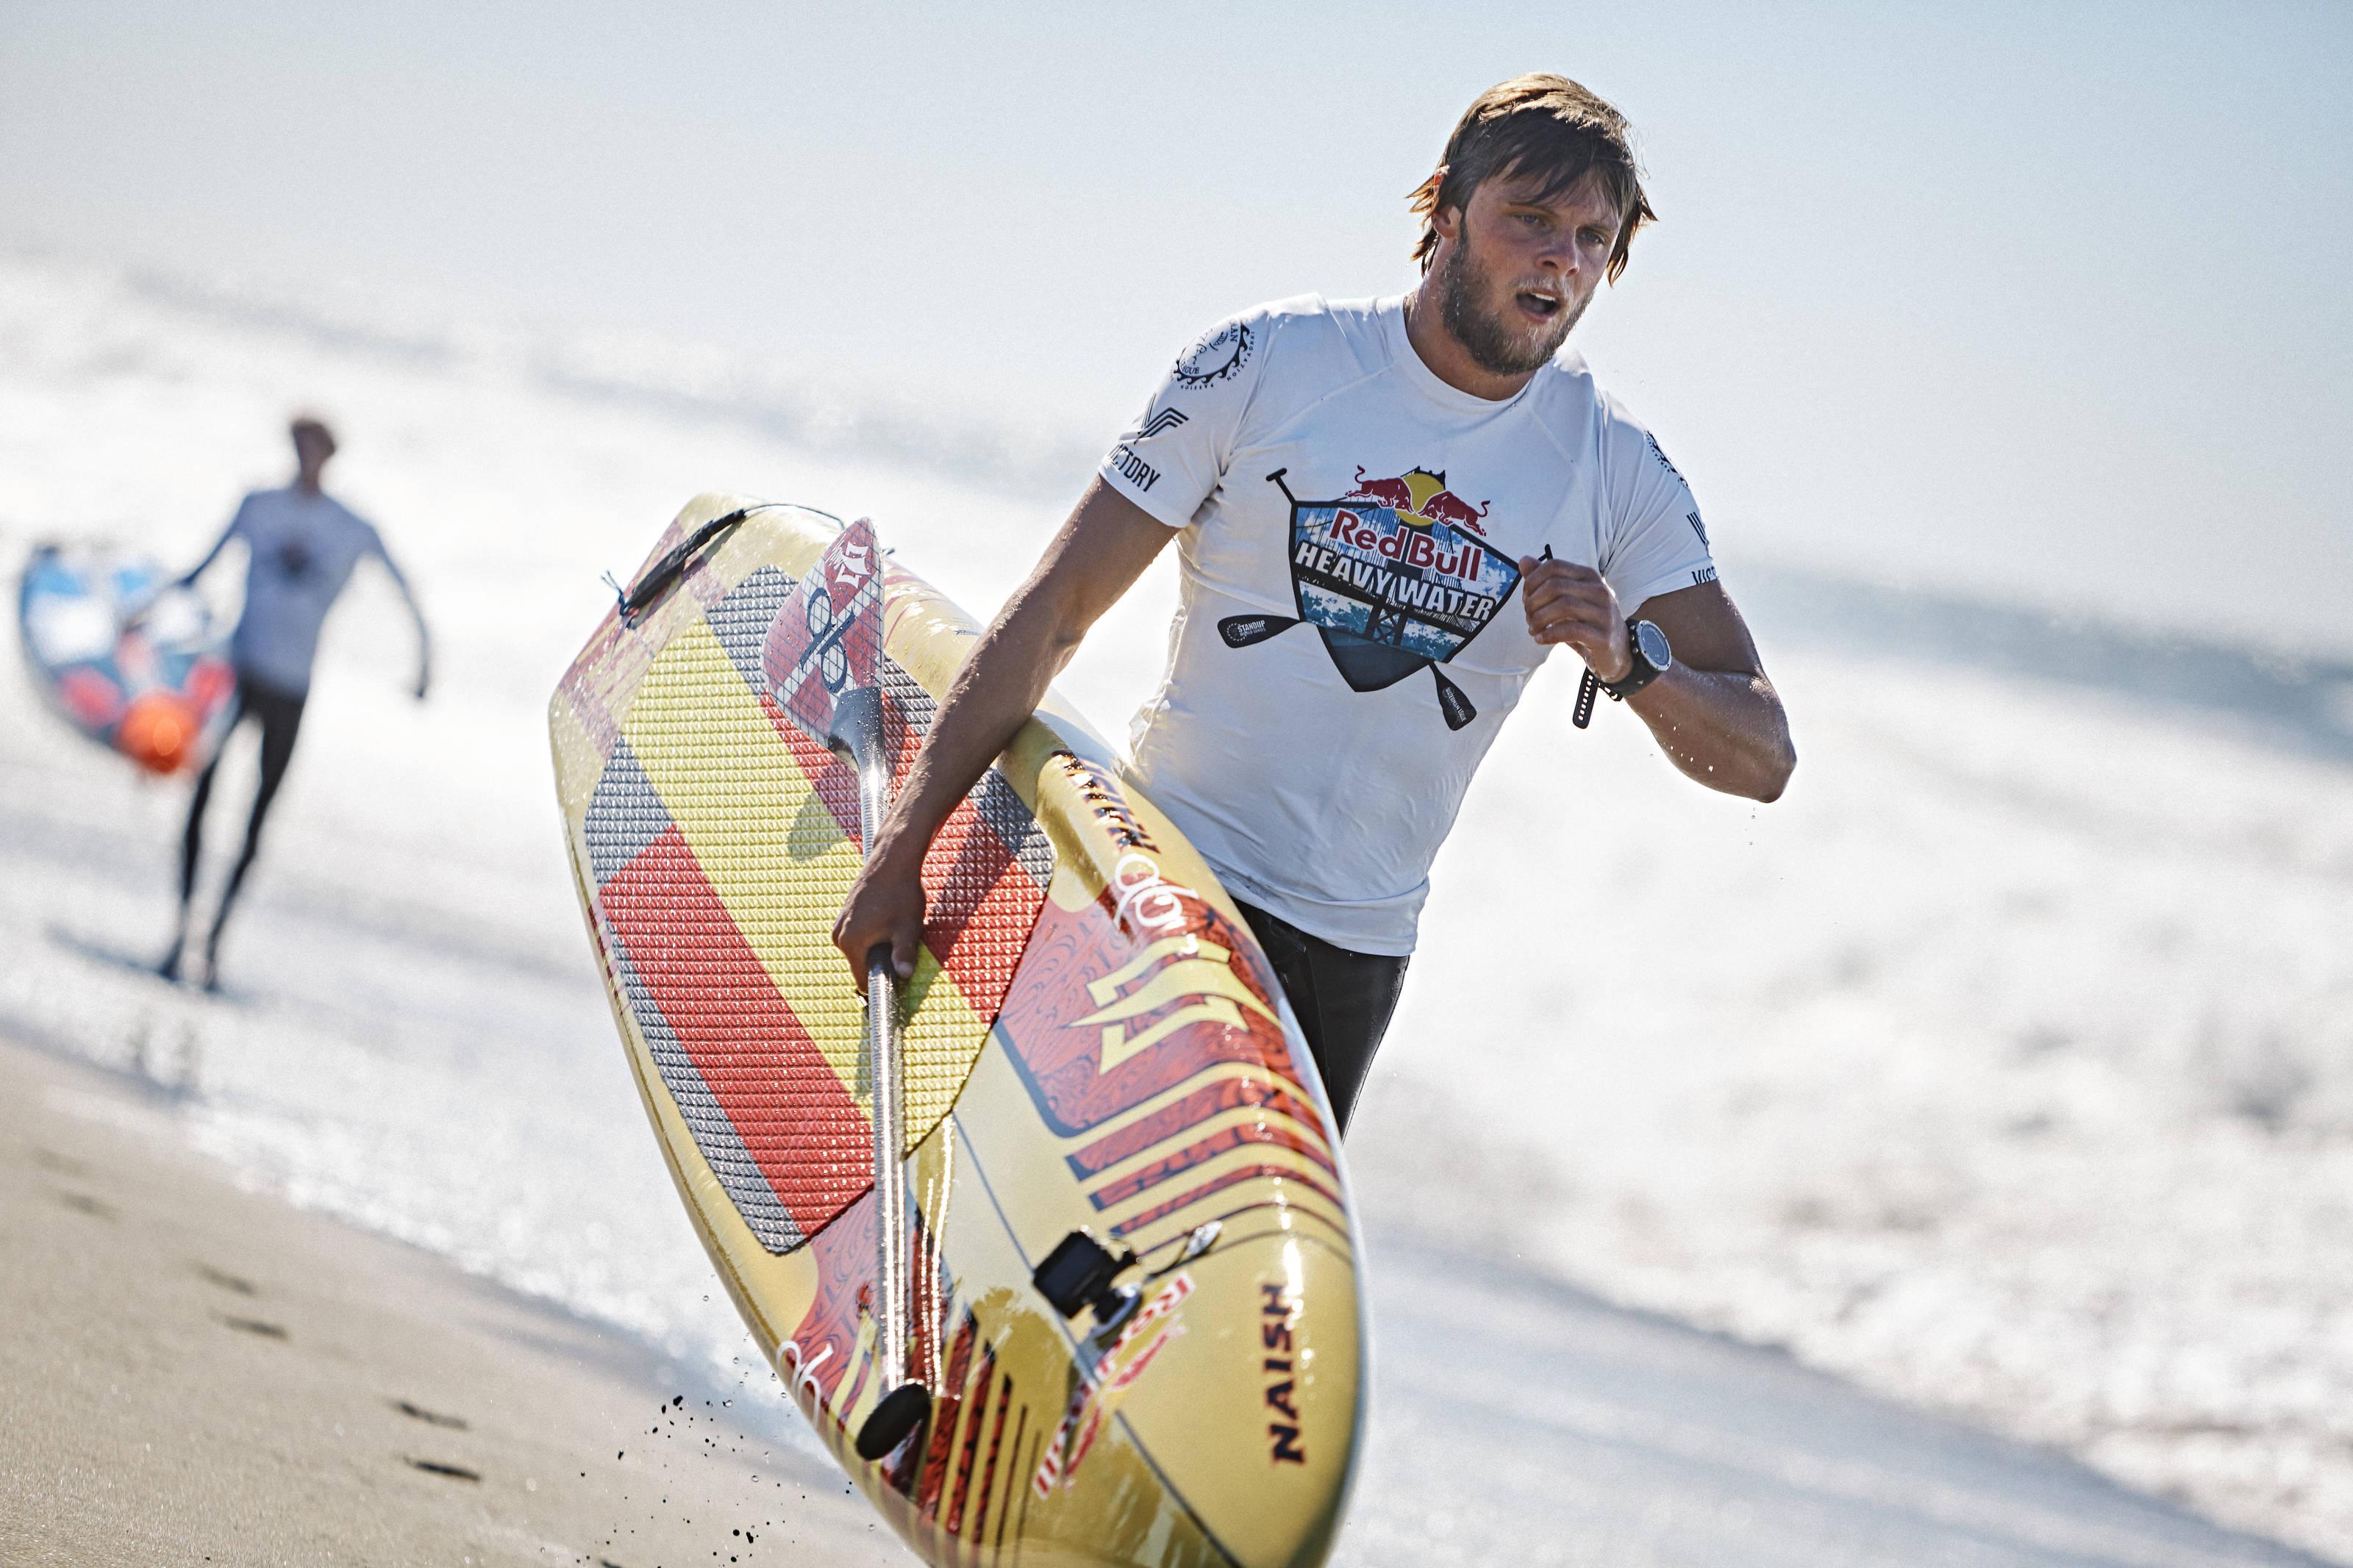 Der skulle også løbes på stranden mellem turene gennem bølgerne. Photo: @Balazs Gardi Red Bull Content Pool